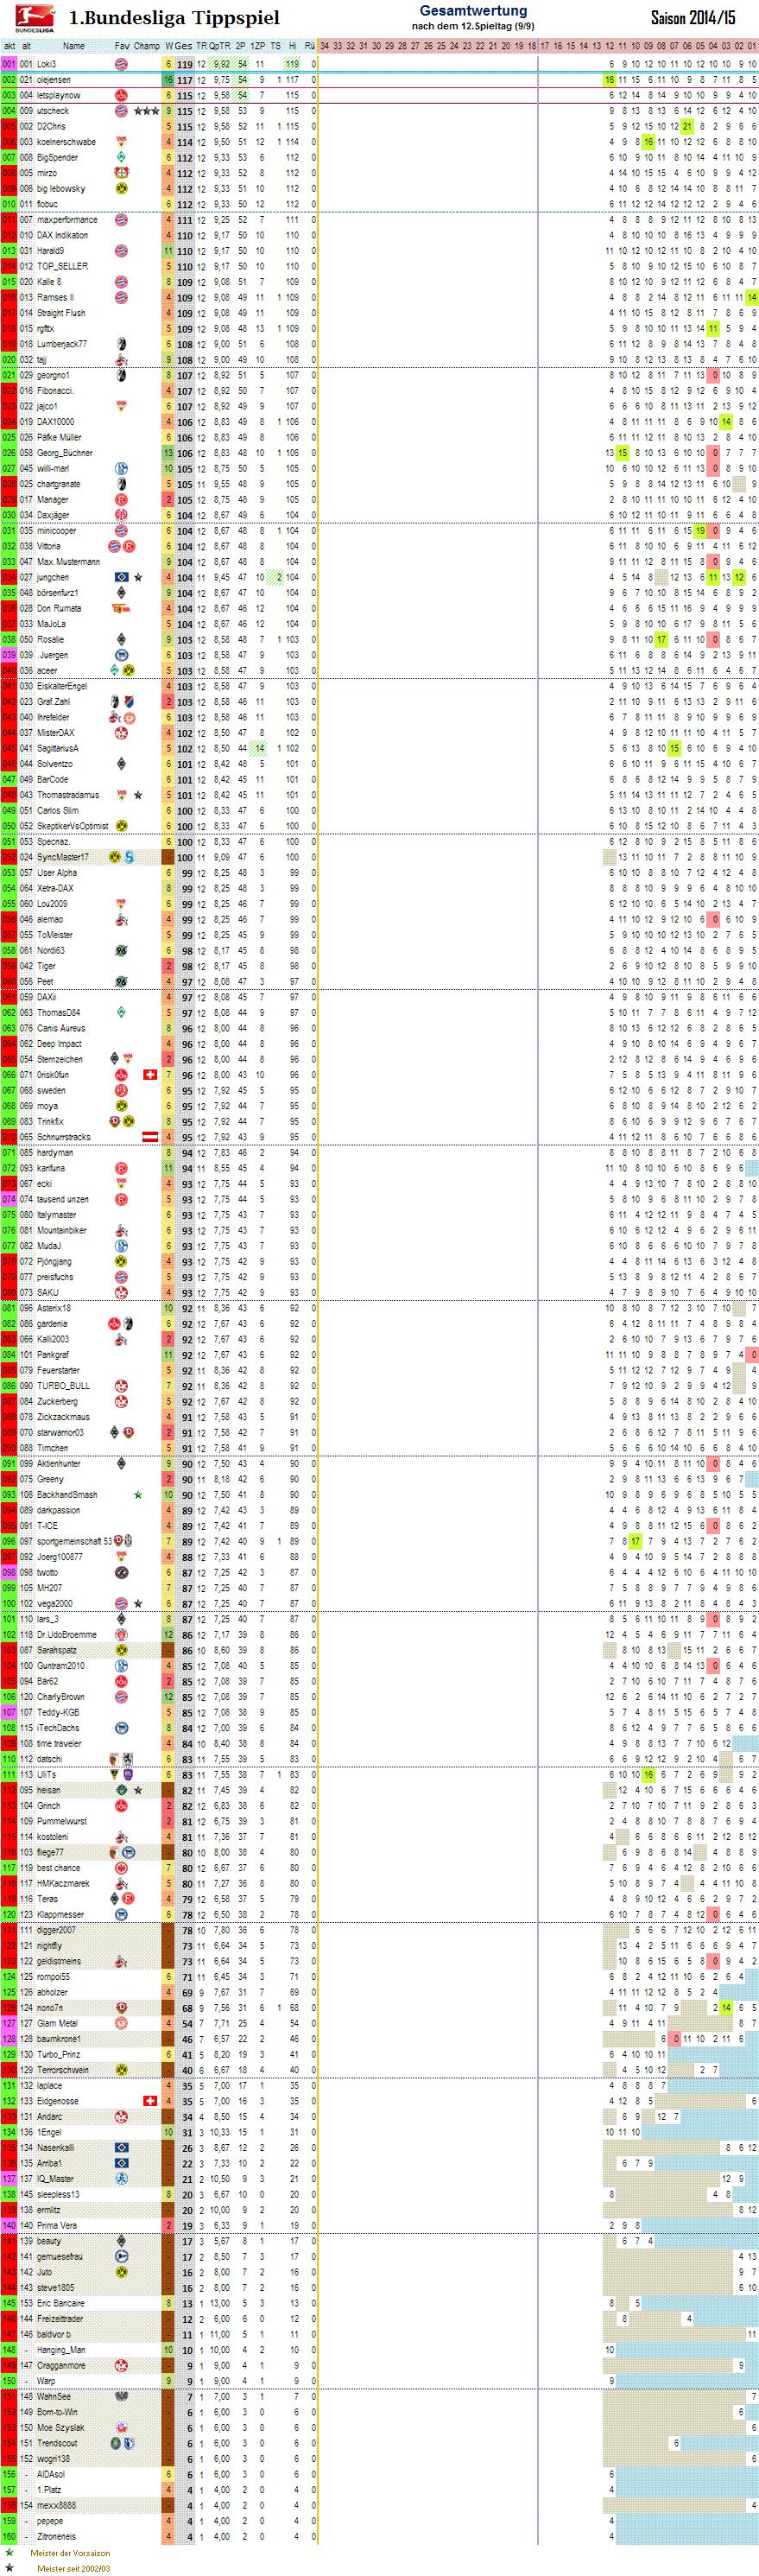 1bl_gesamtwertung_12.png